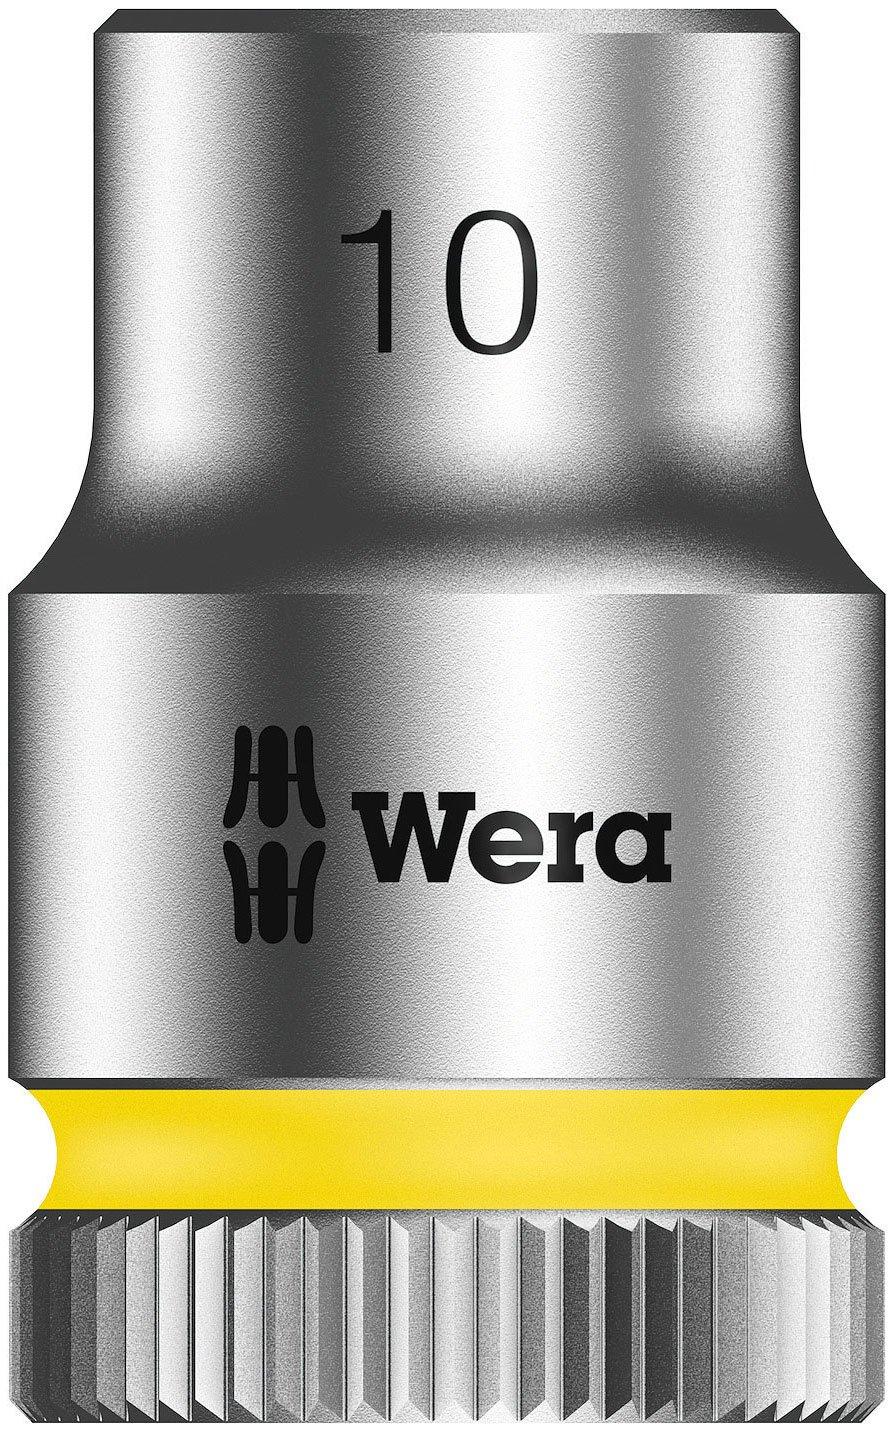 Wera 8790 HMB Zyklop-Steckschlü sseleinsatz mit 3/8 Zoll-Antrieb, 19.0 mm, 05003564001 Wera Werk Hermann Werner GmbH & Co. KG